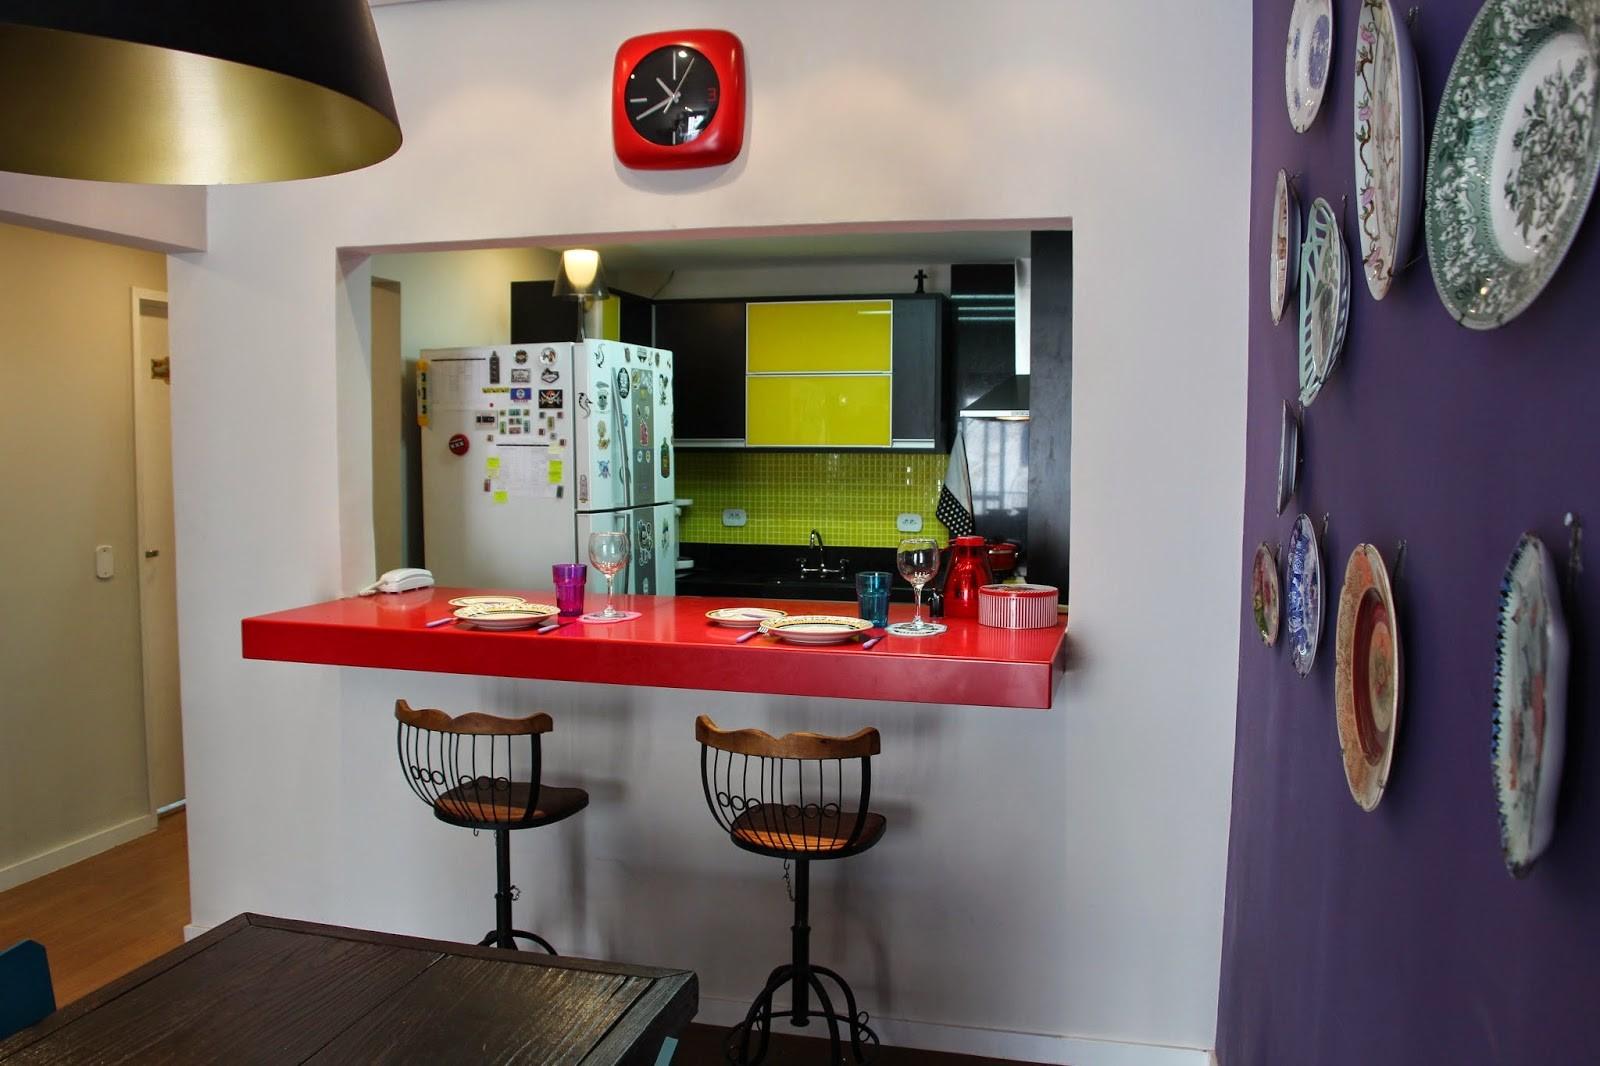 janelão para a cozinha com bancada de refeições #773024 1600 1066